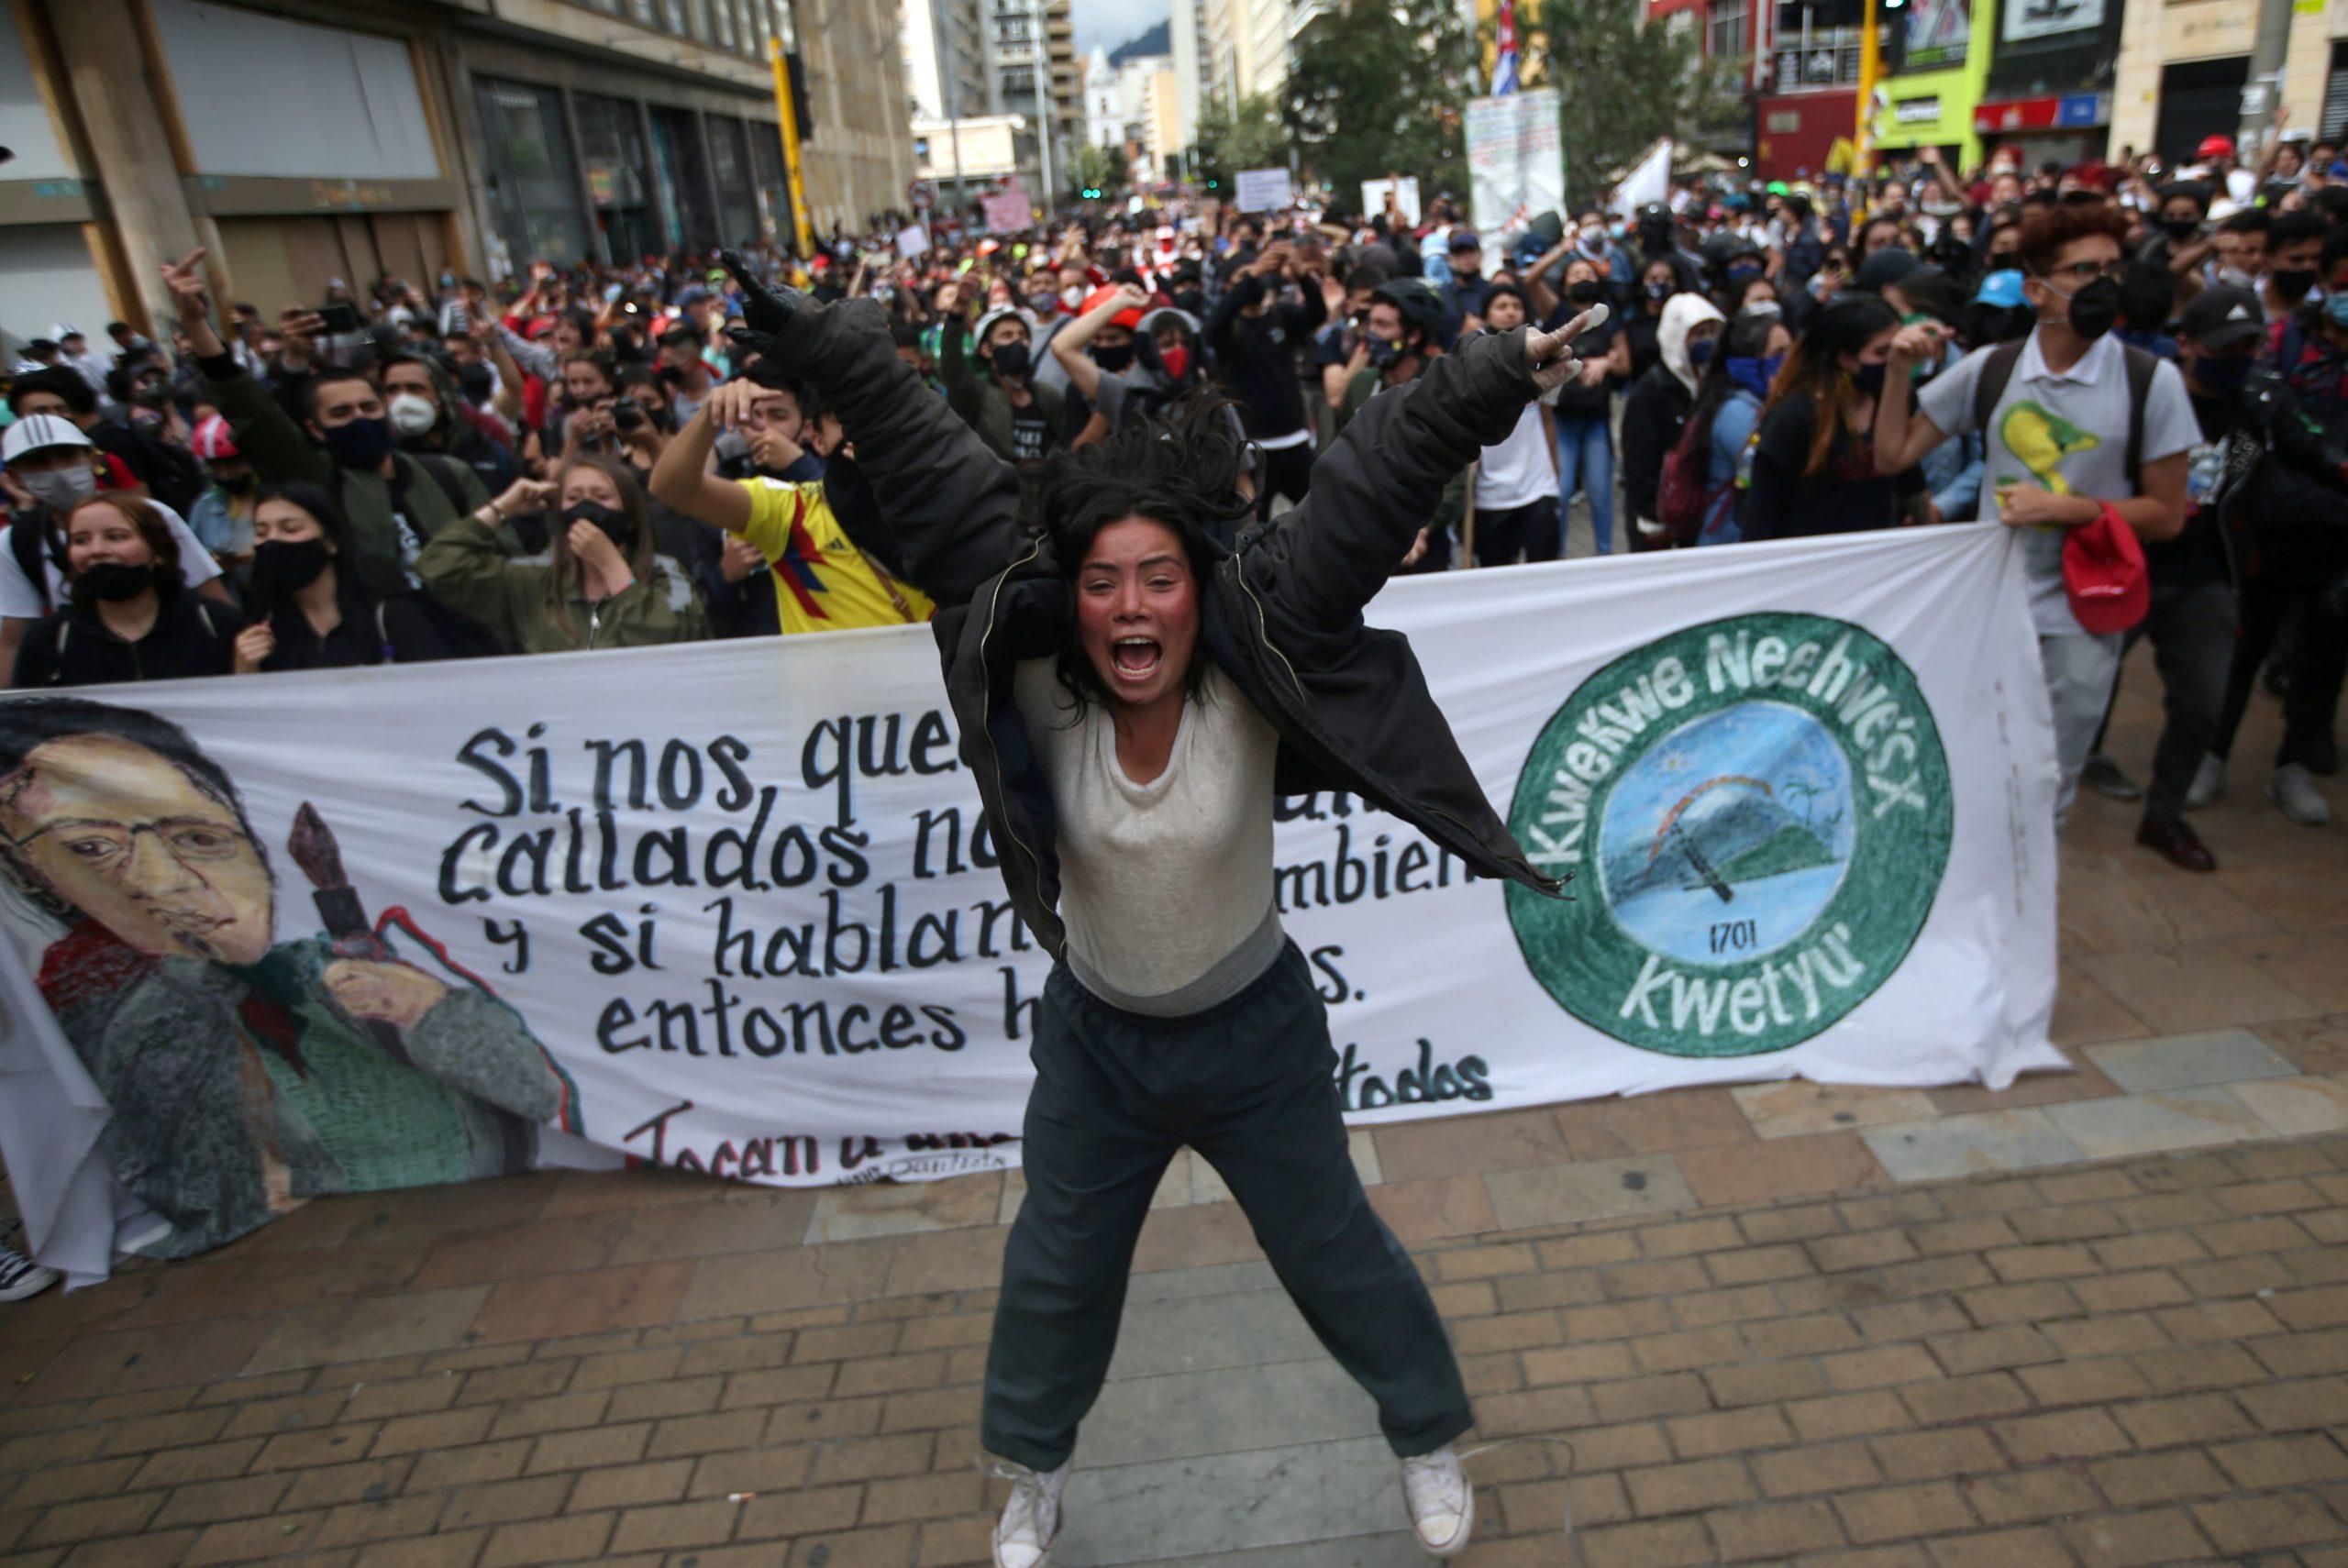 Un militar asesinó a una mujer y desató indignación en Colombia